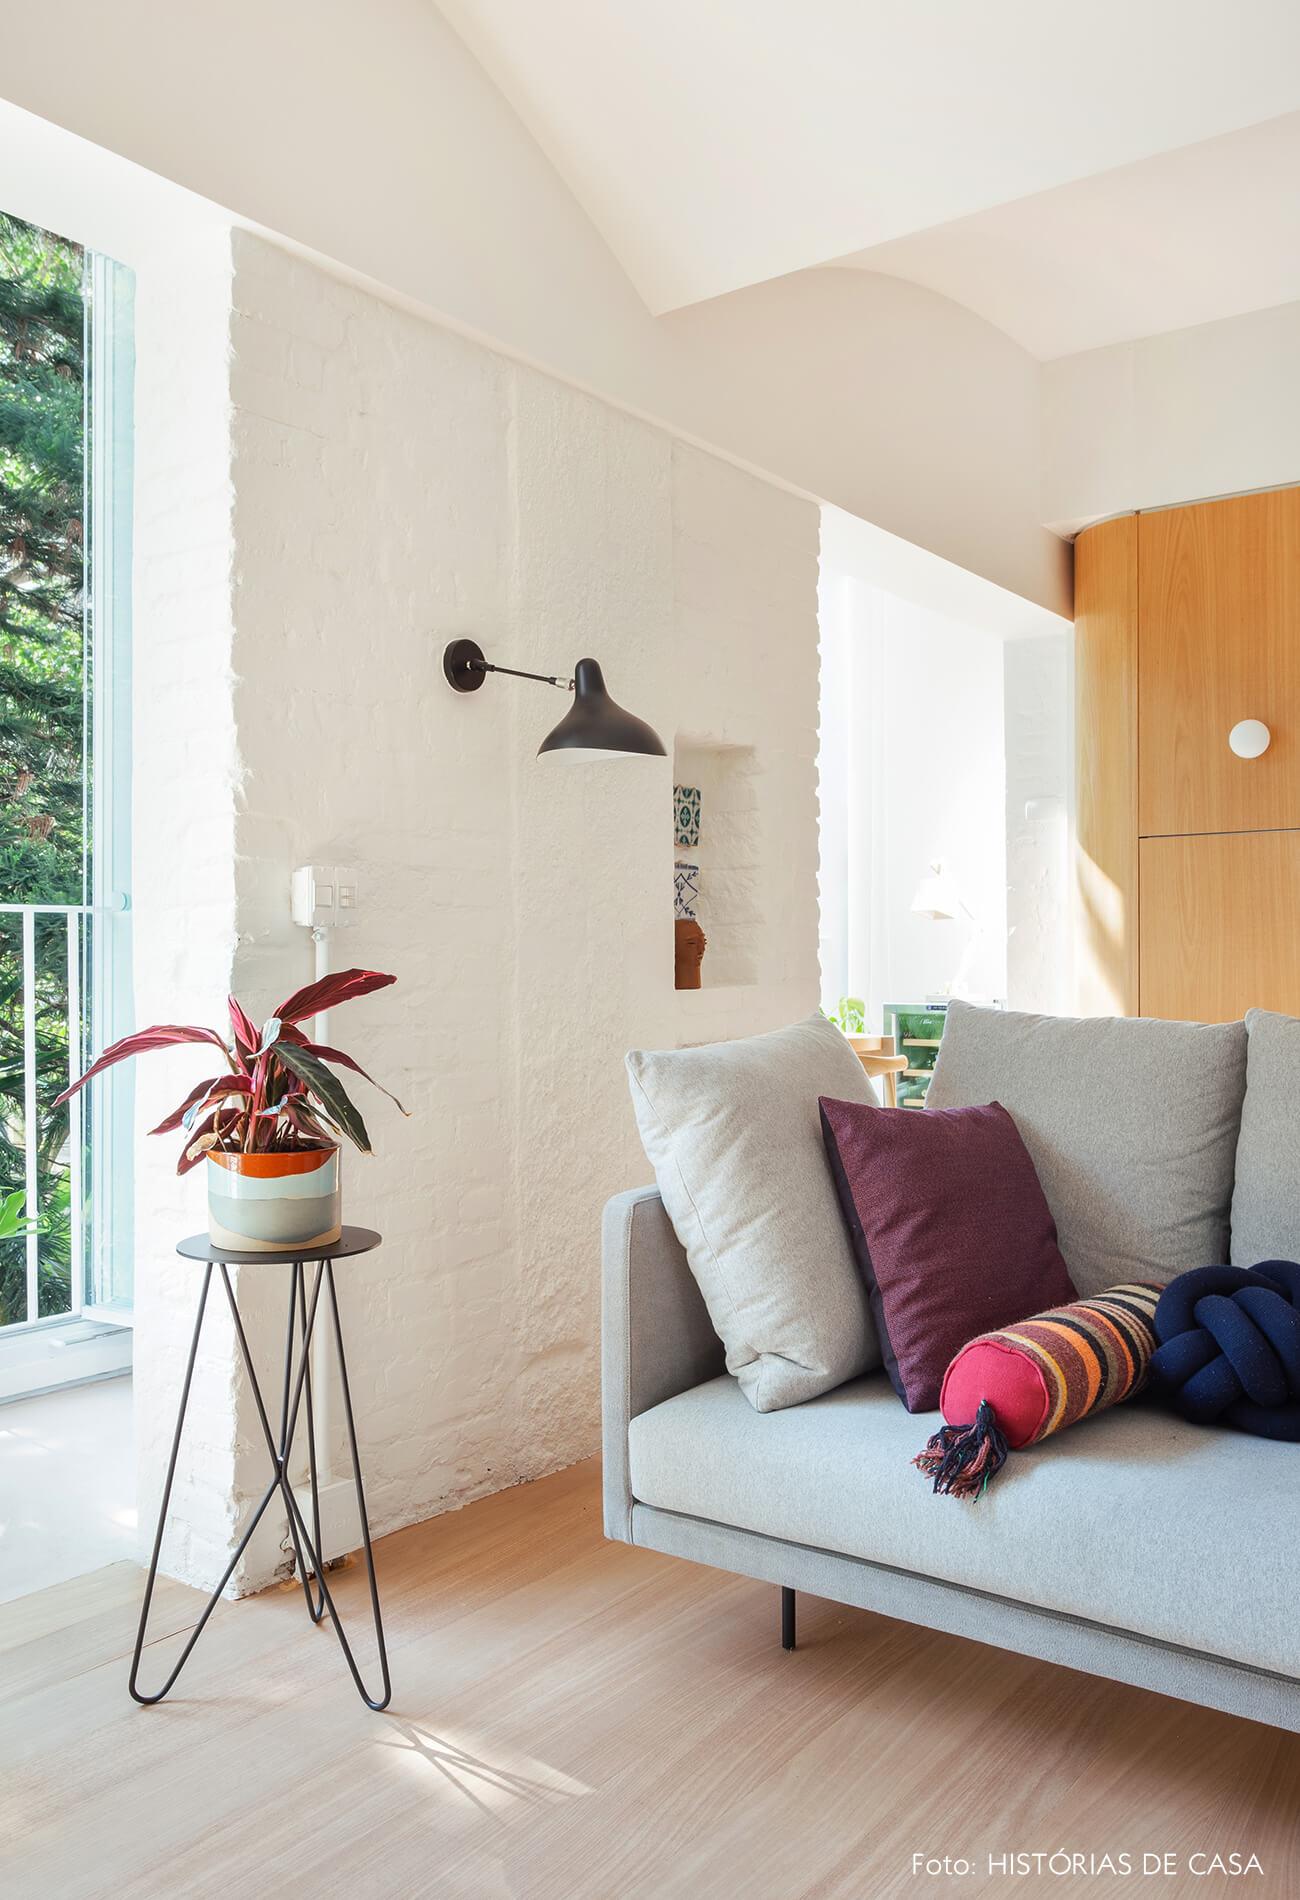 Sofá cinza e suporte com plantas em sala reformada